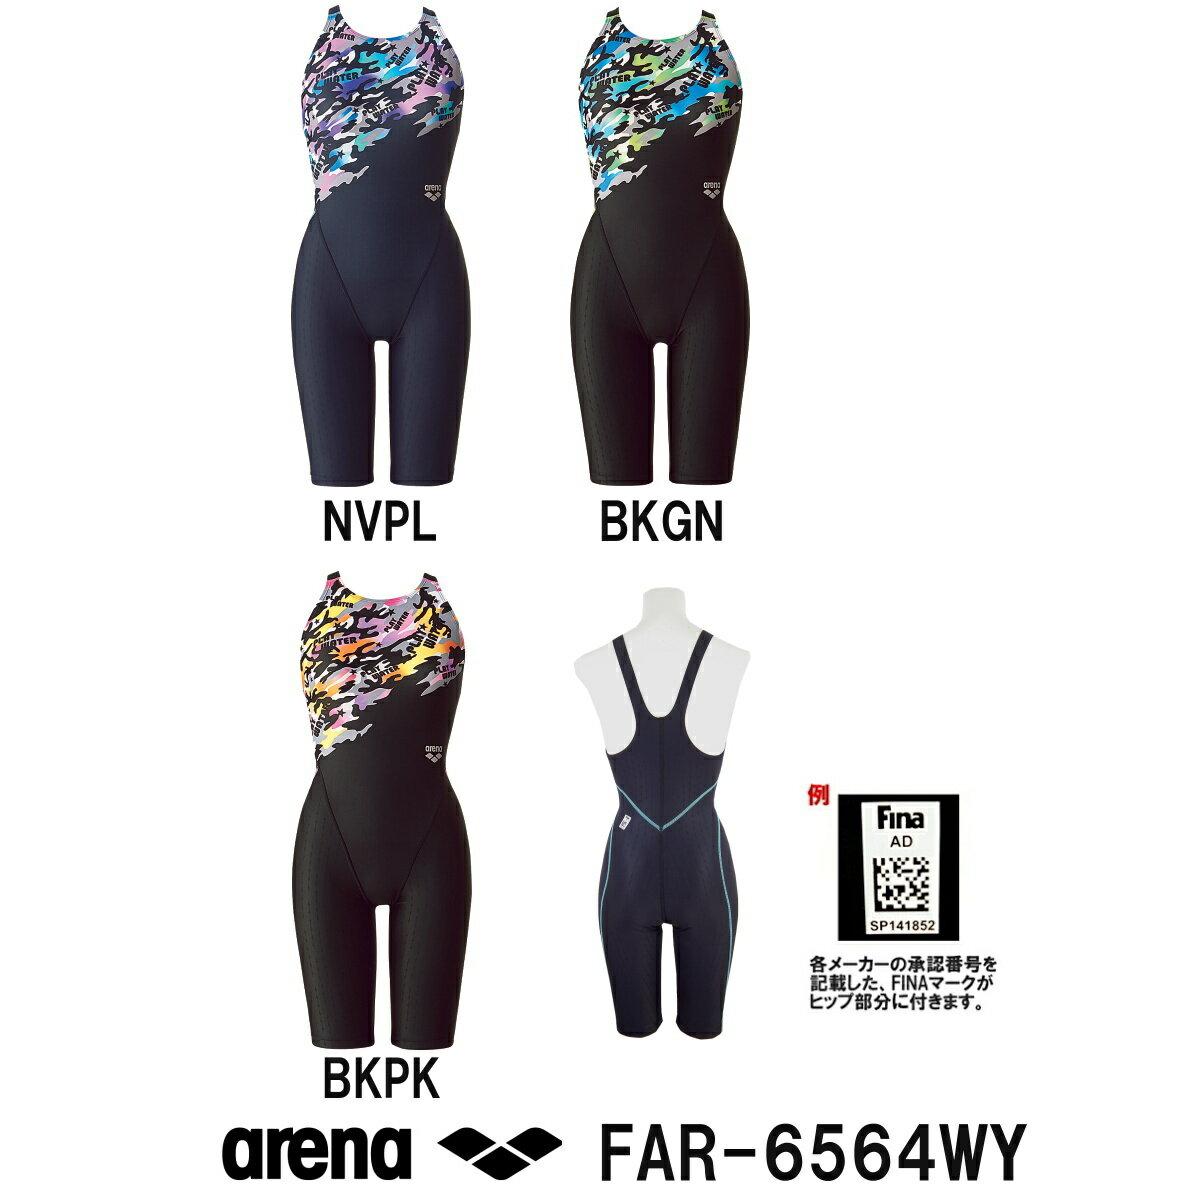 【送料無料】【FAR-6564WY】ARENA(アリーナ) レディース競泳水着 NUX-FD マスターズSP[競泳/女性用/FINA承認/背閉じタイプ/スパッツ]